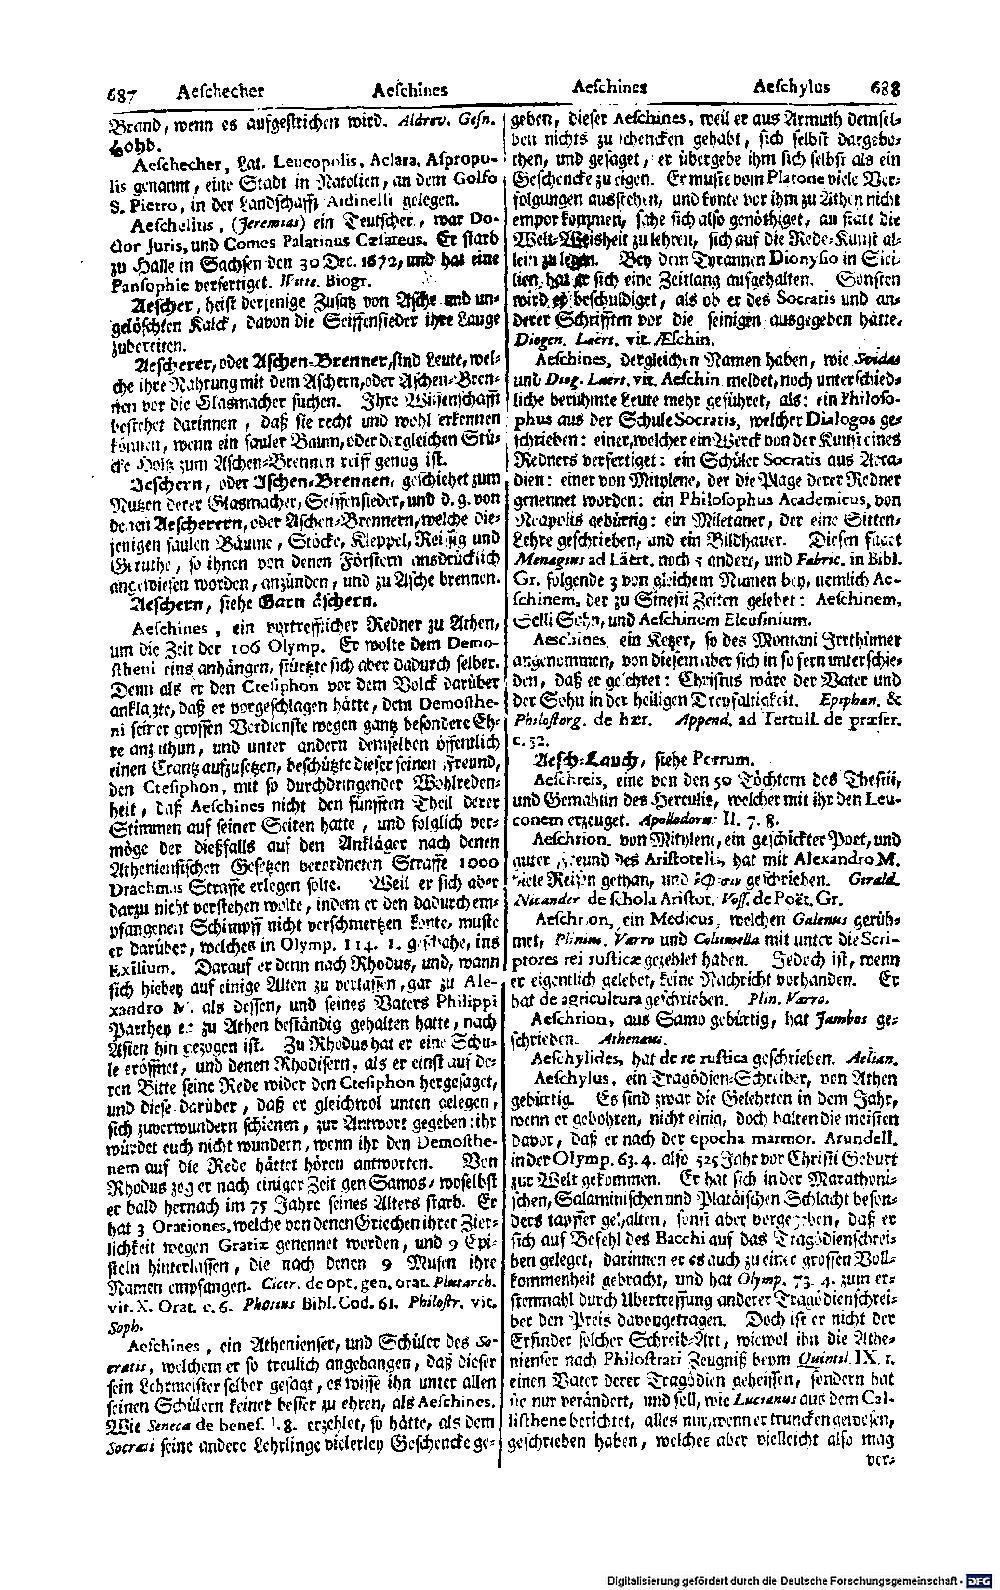 Bd. 01, Seite 0383.